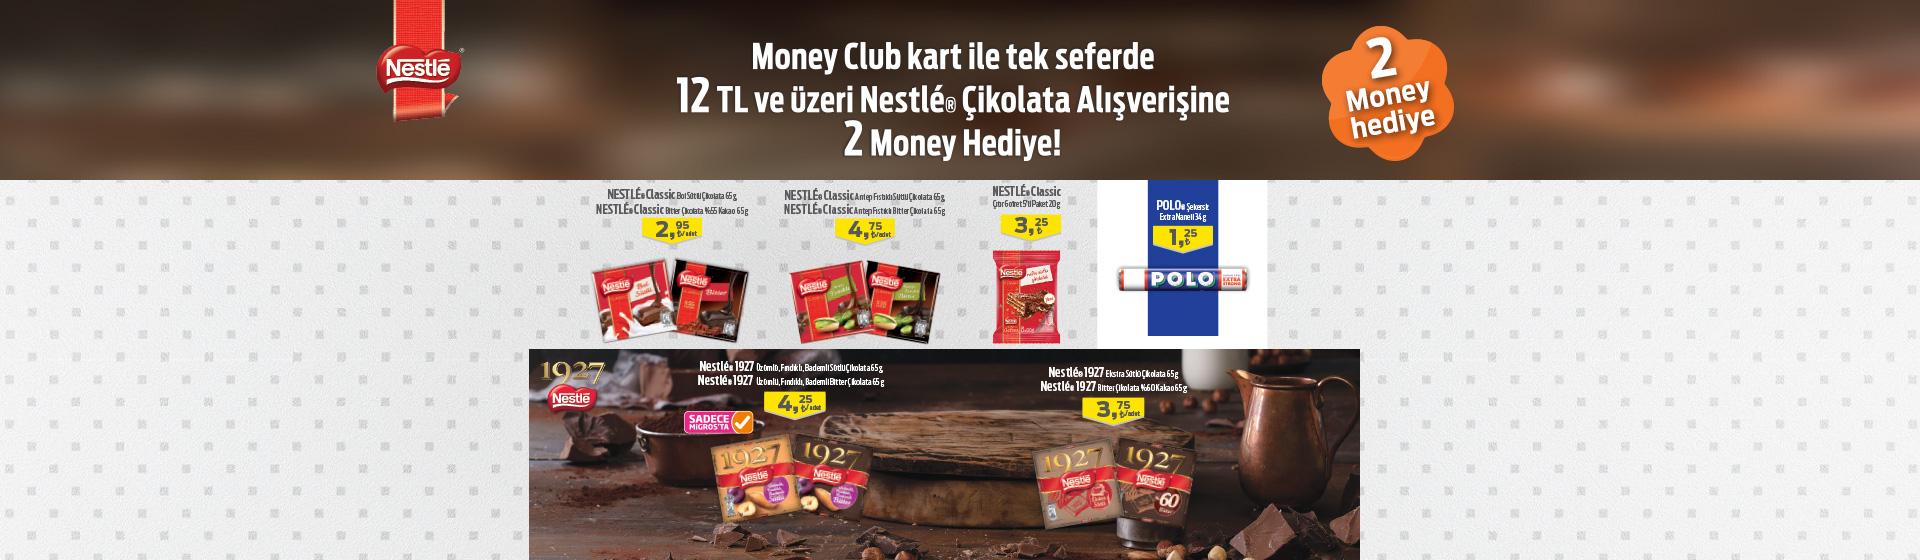 Nestle Çikolata Money Kampanyası